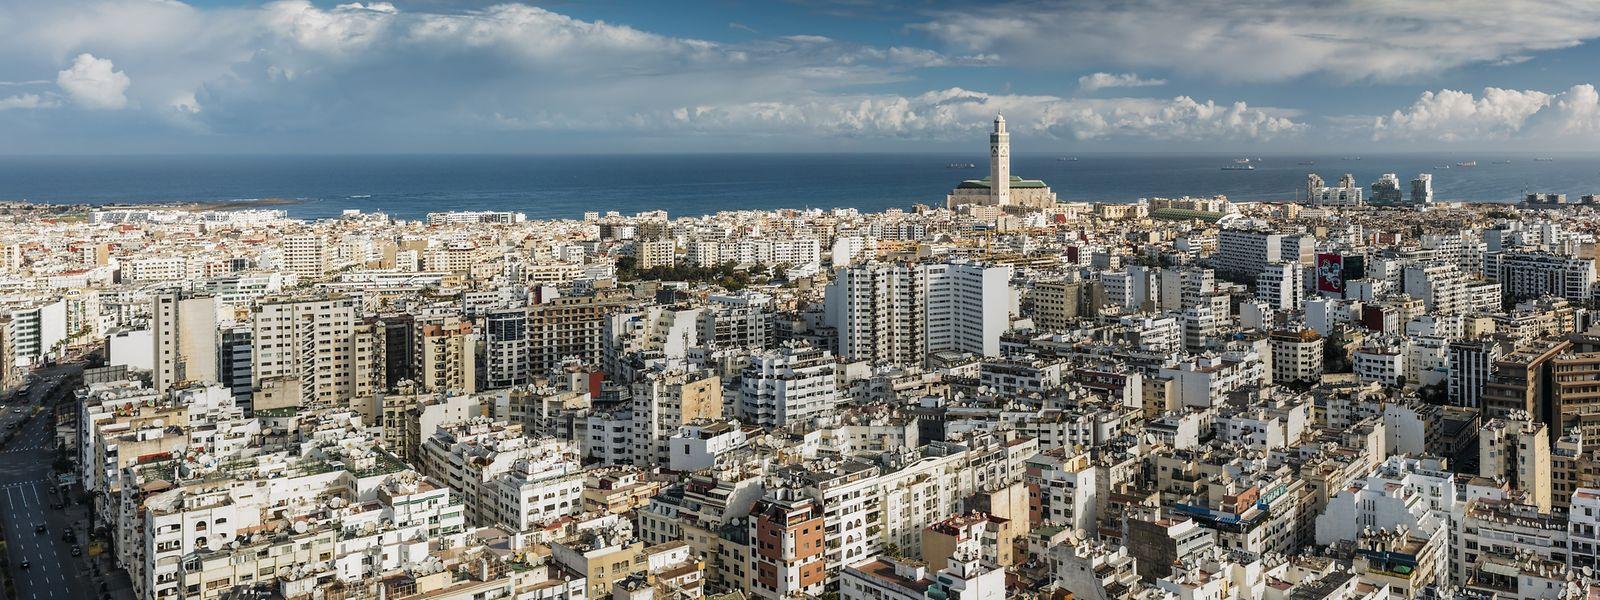 Casablanca, die größte Stadt Marokkos: Das Land zeichnet sich durch politische Stabilität und eine offene Wirtschaft aus.